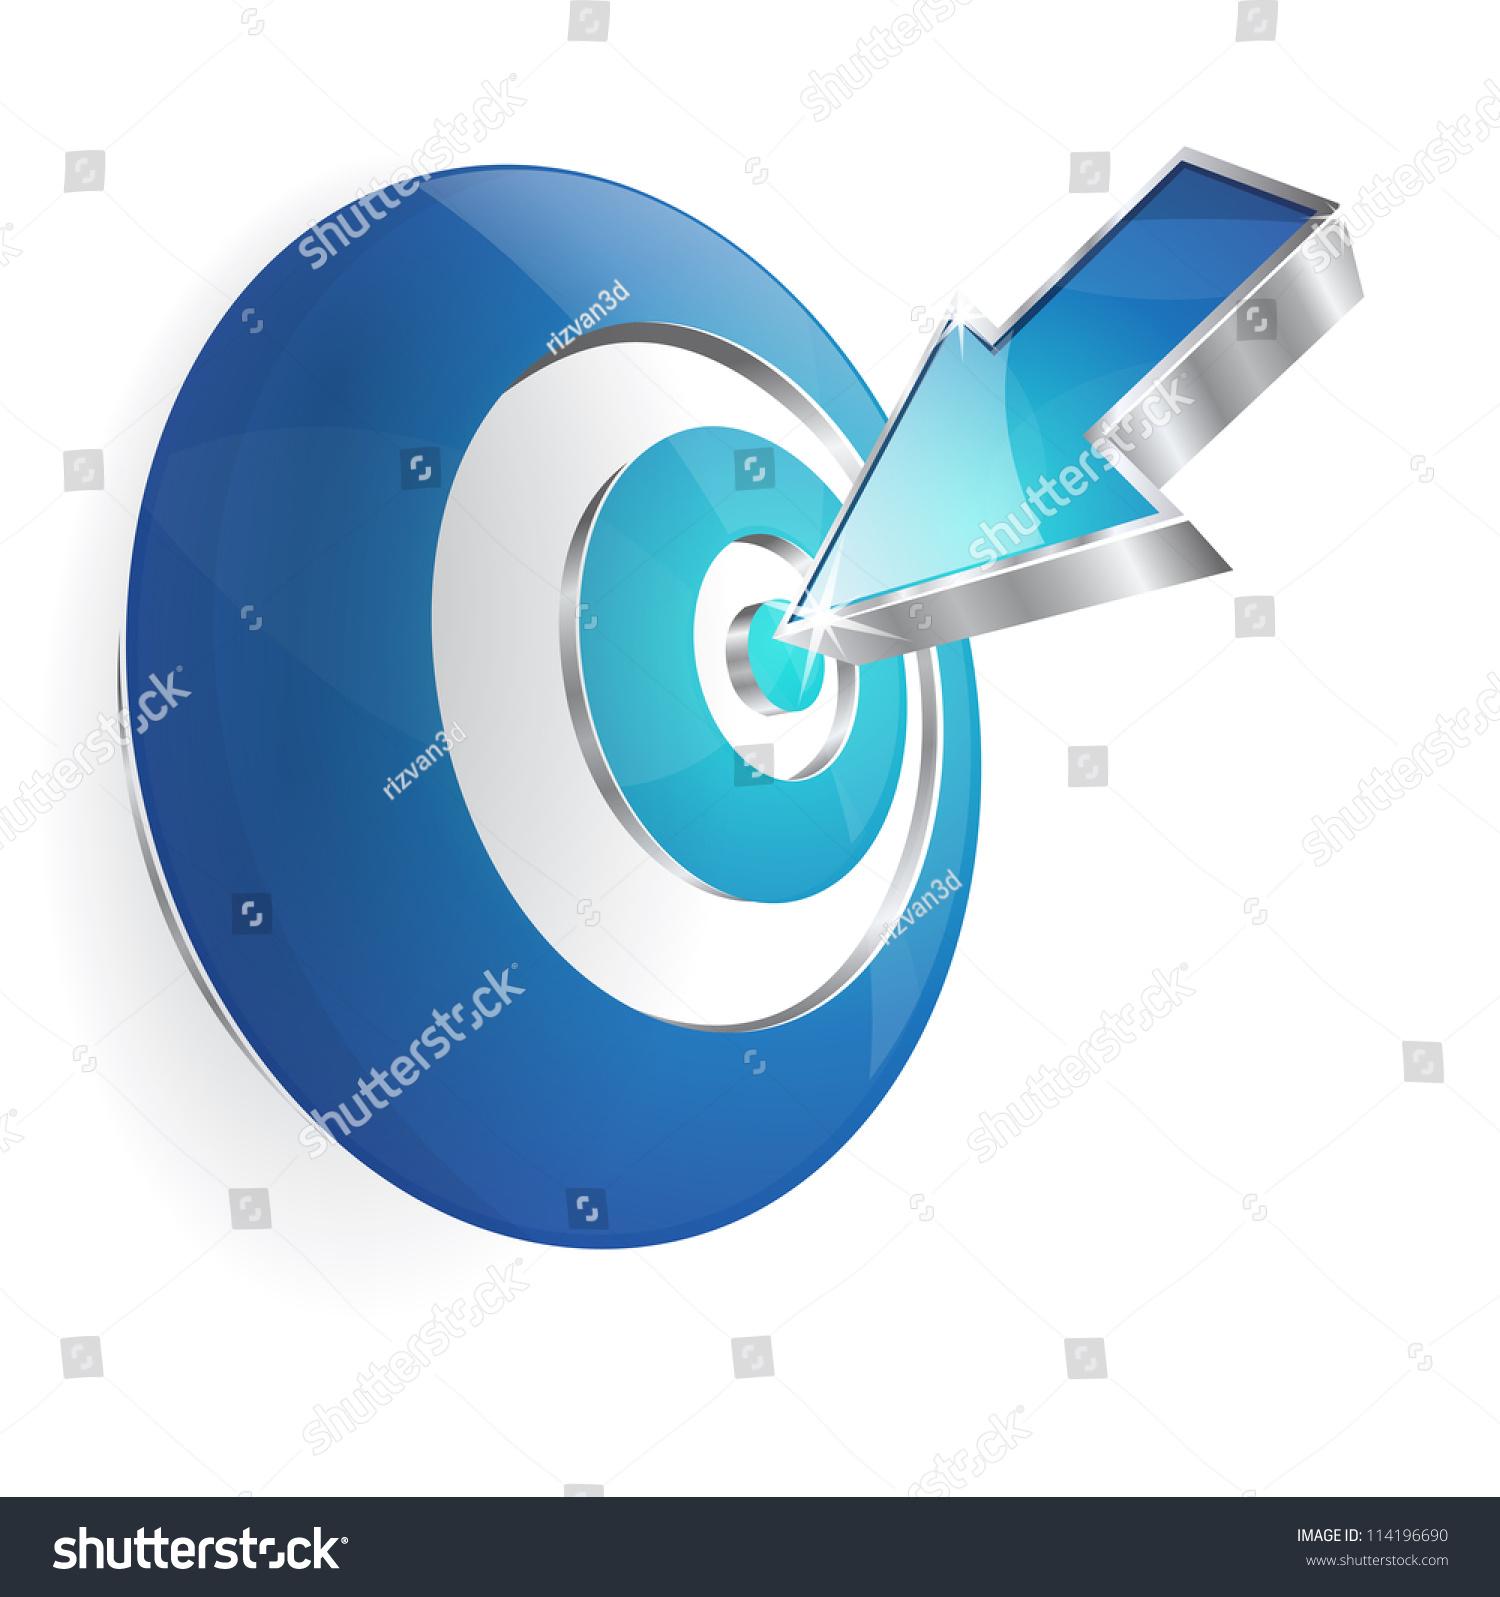 三维目标箭头圆心矢量图标-科技,符号/标志-海洛创意